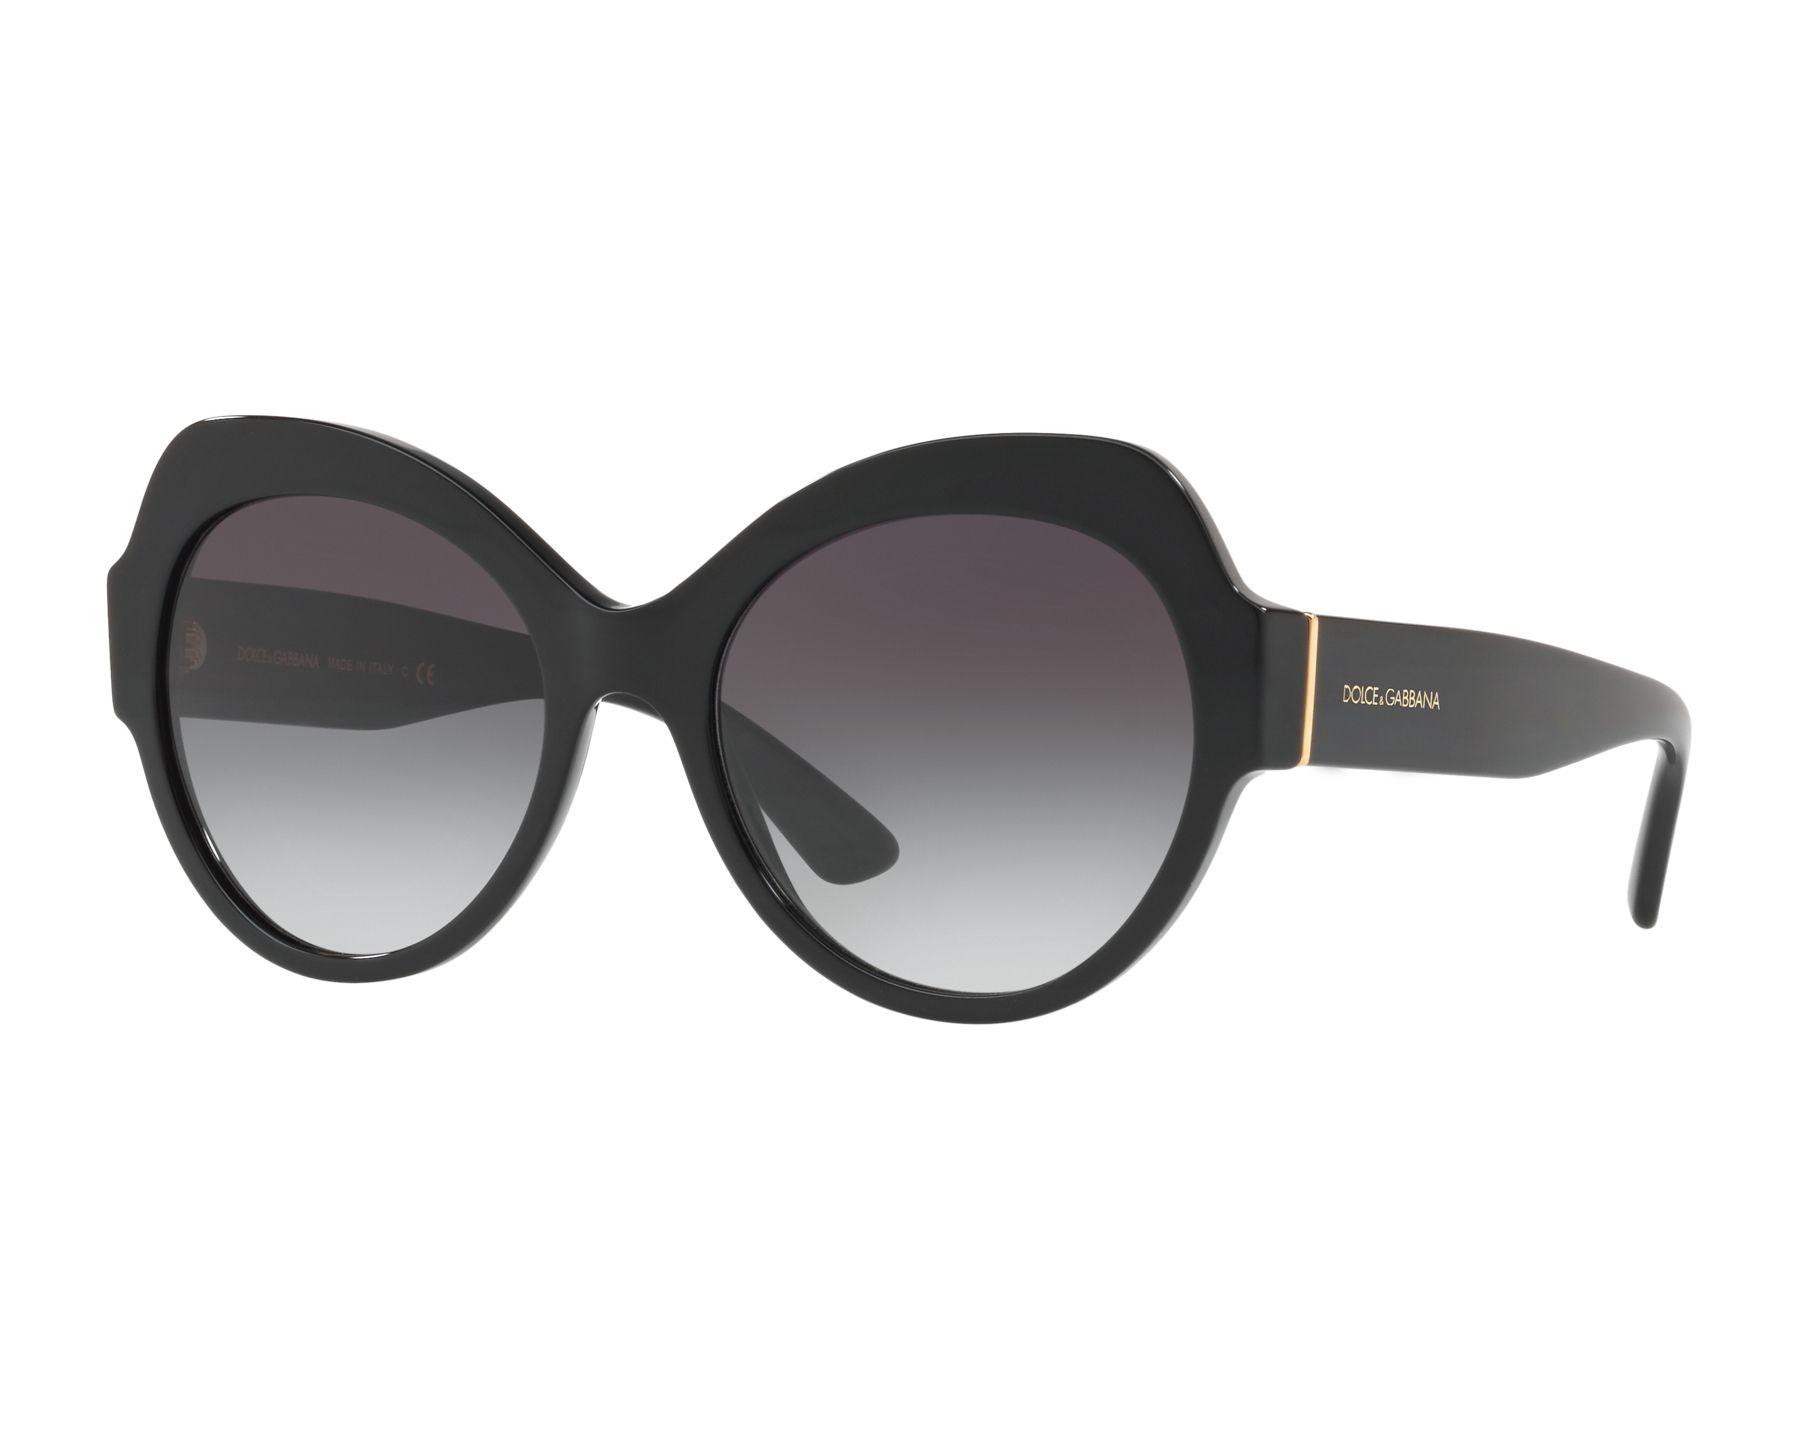 Dolce and Gabbana DG4320 Sonnenbrille Schwarz 501/8G 56mm HGyRczNtyb